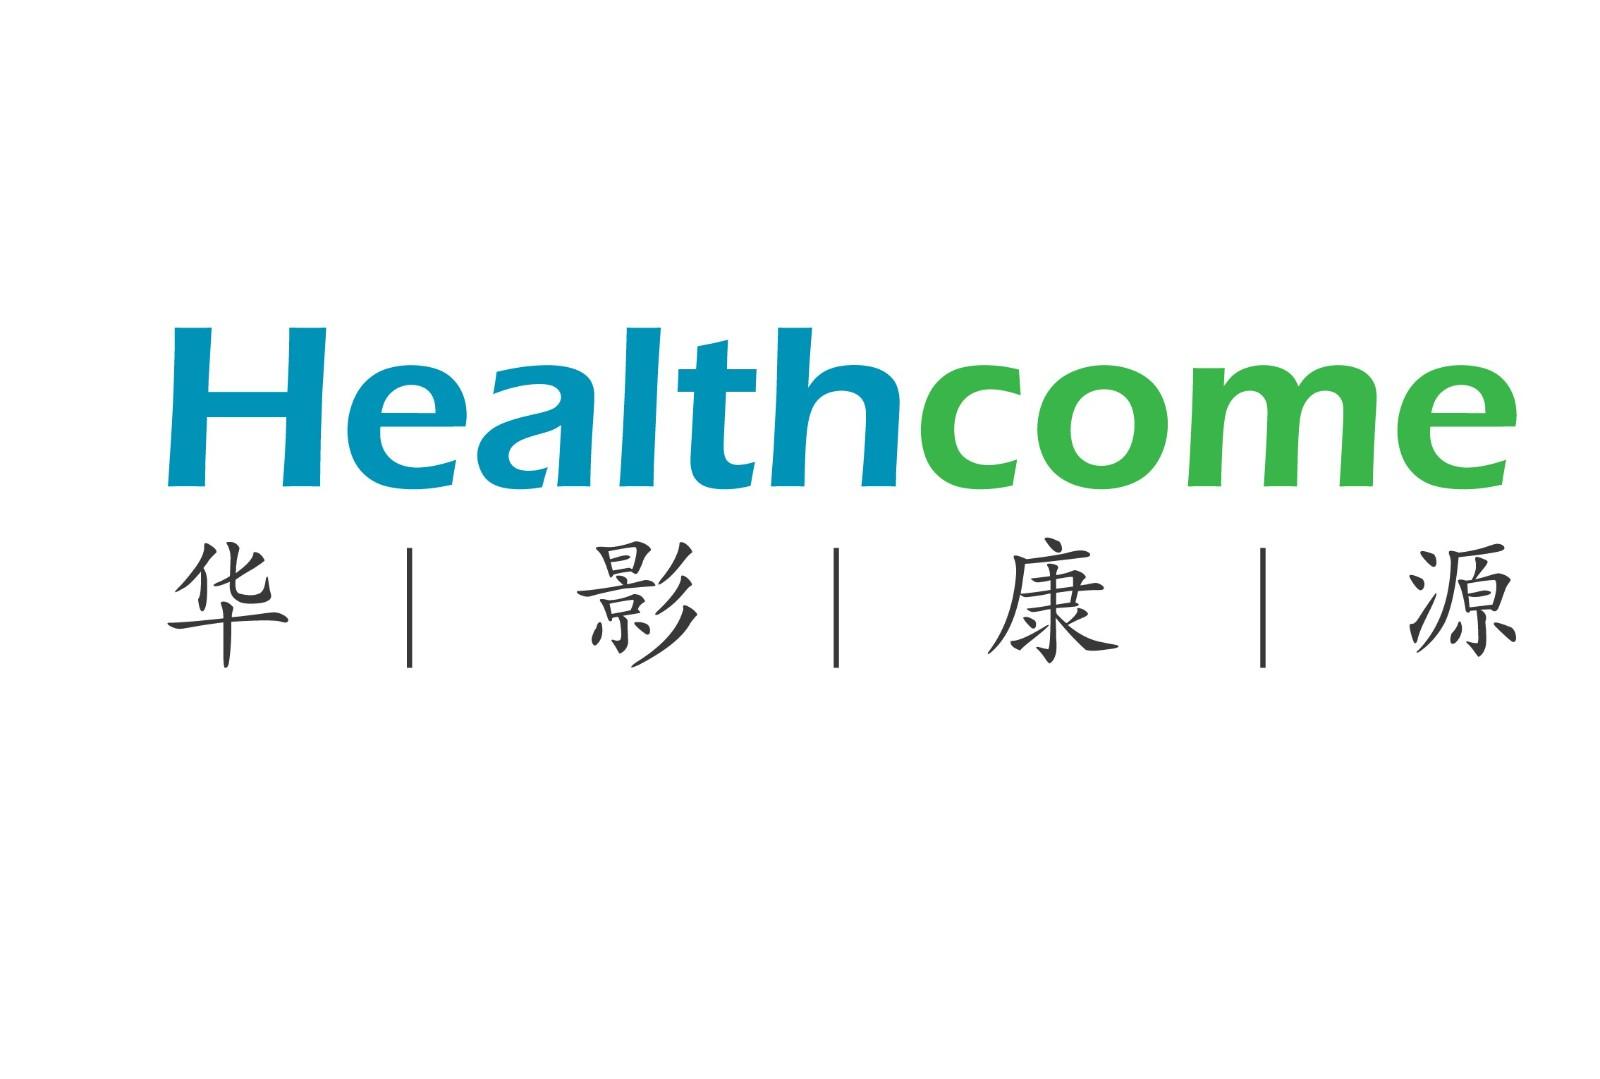 重庆华影康源医疗科技有限公司_联英人才网_hrm.cn